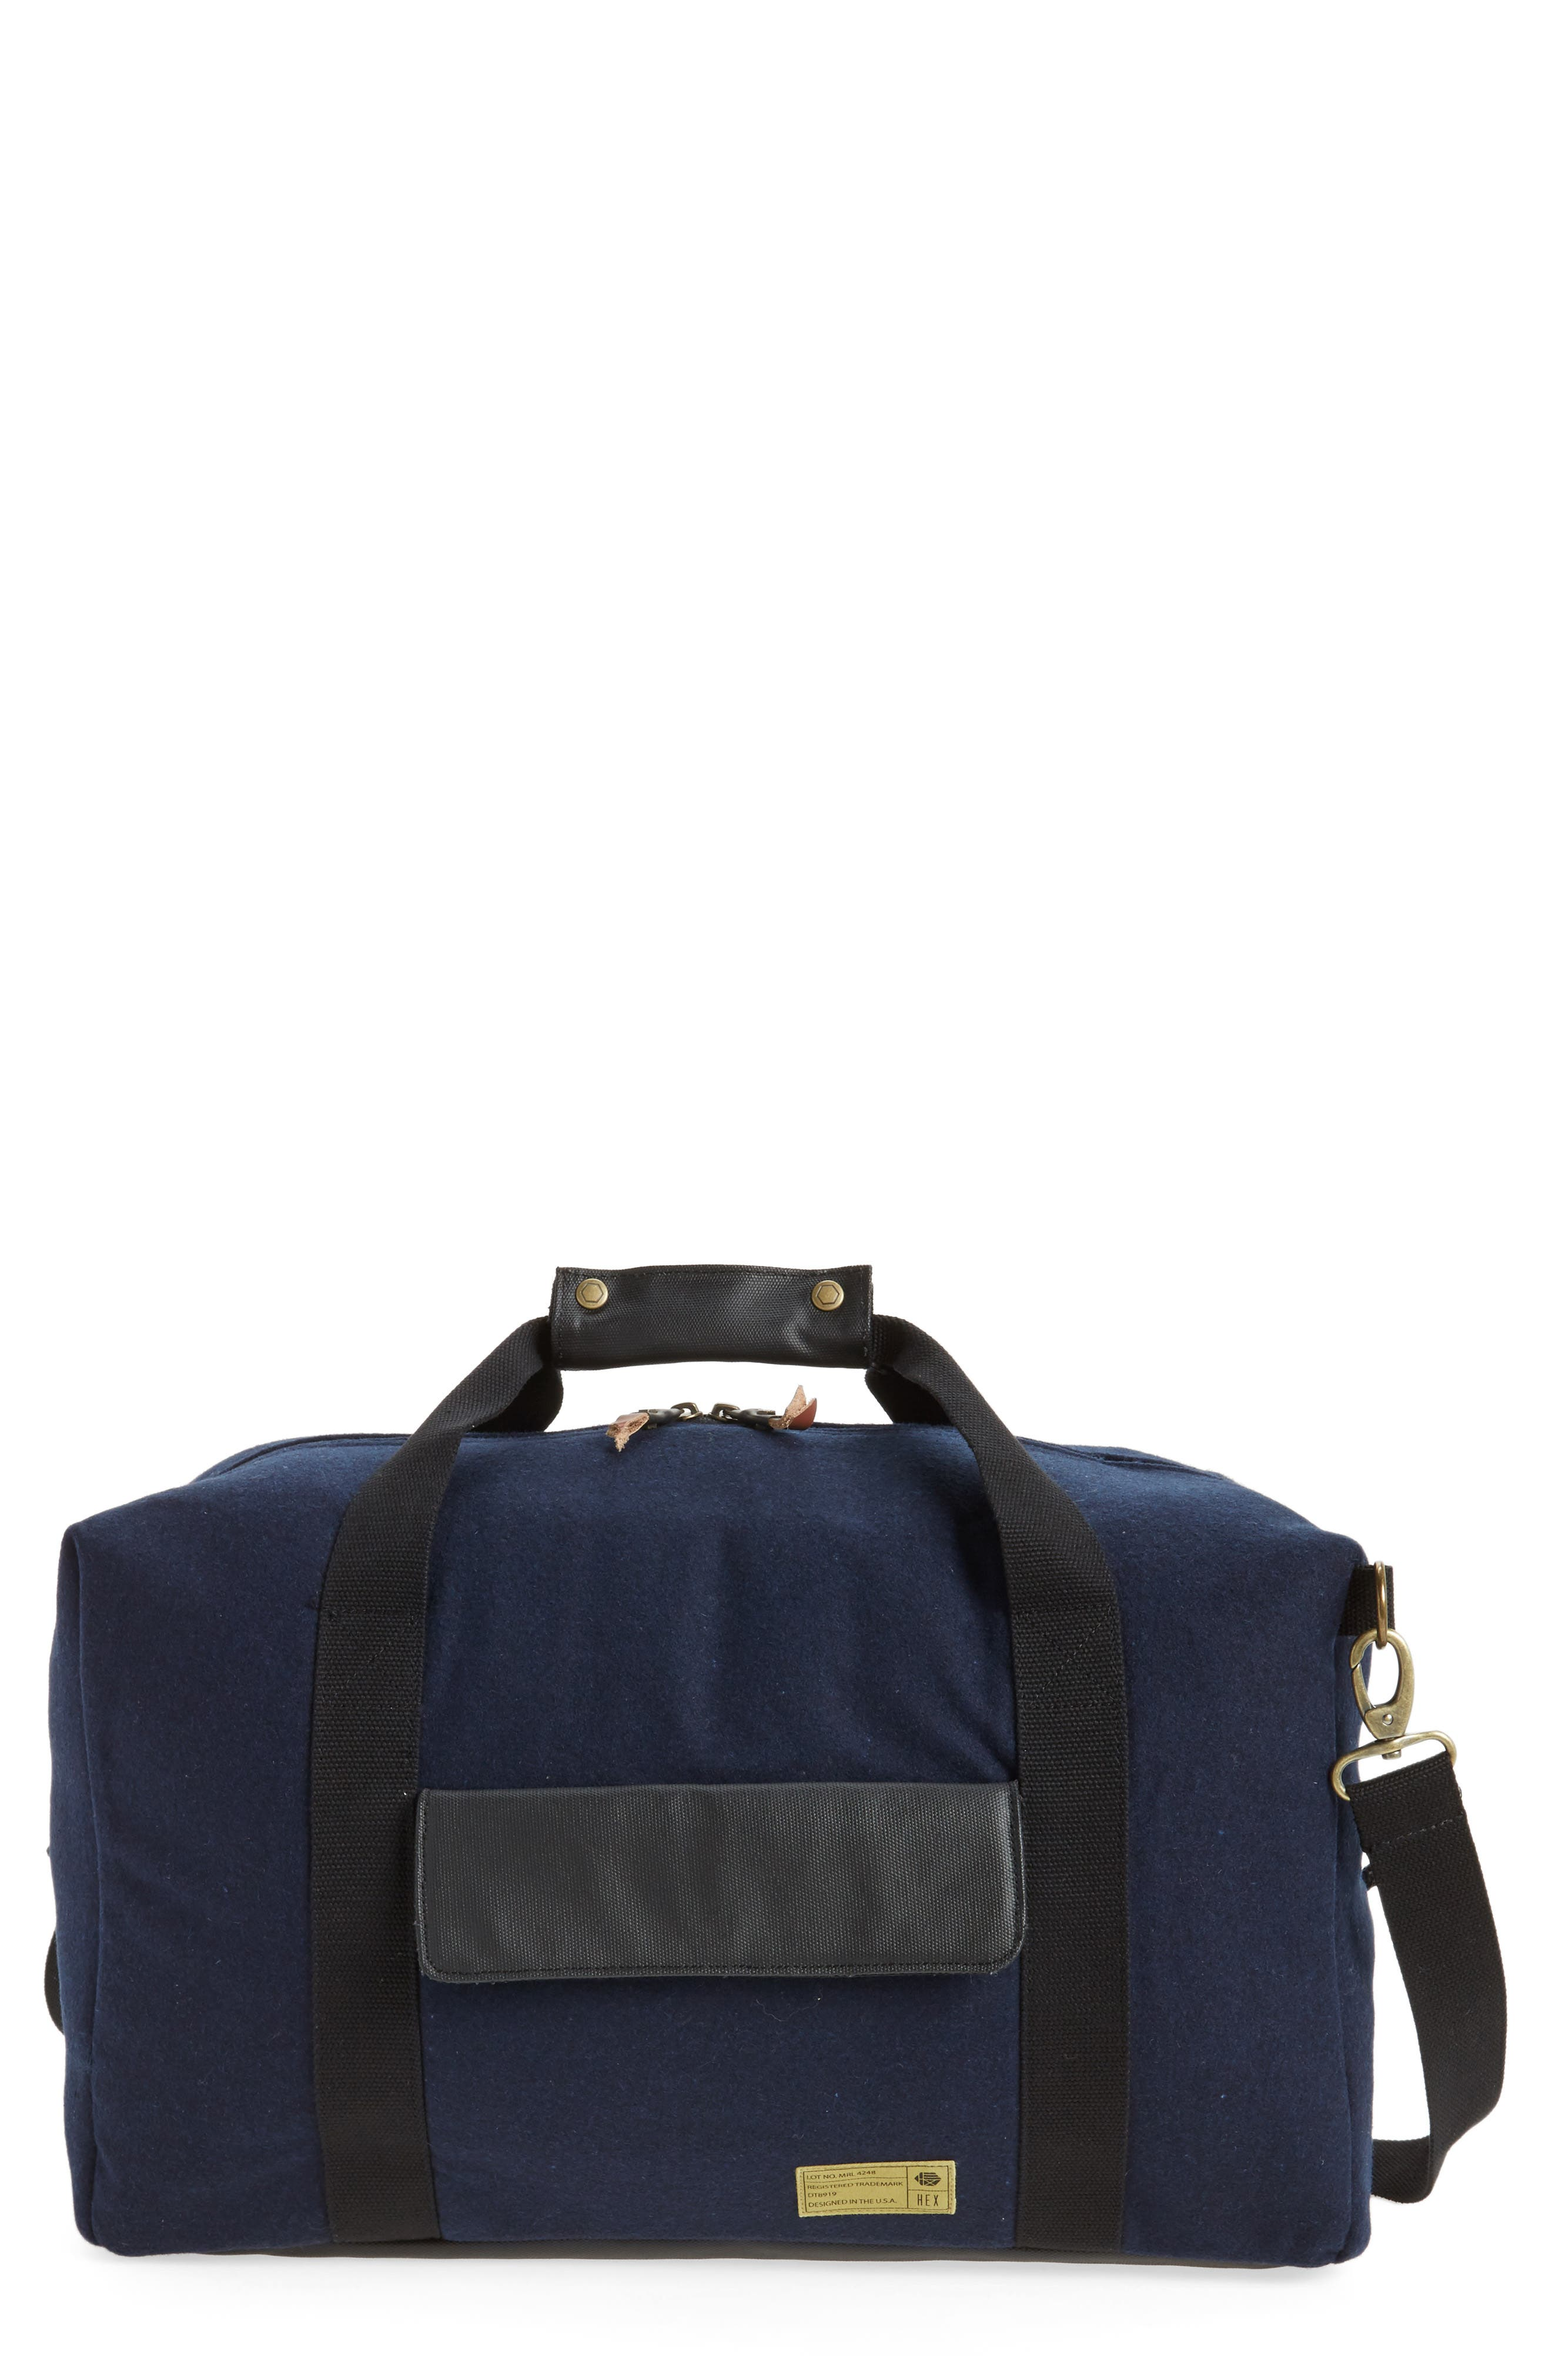 Alternate Image 1 Selected - HEX Duffel Bag